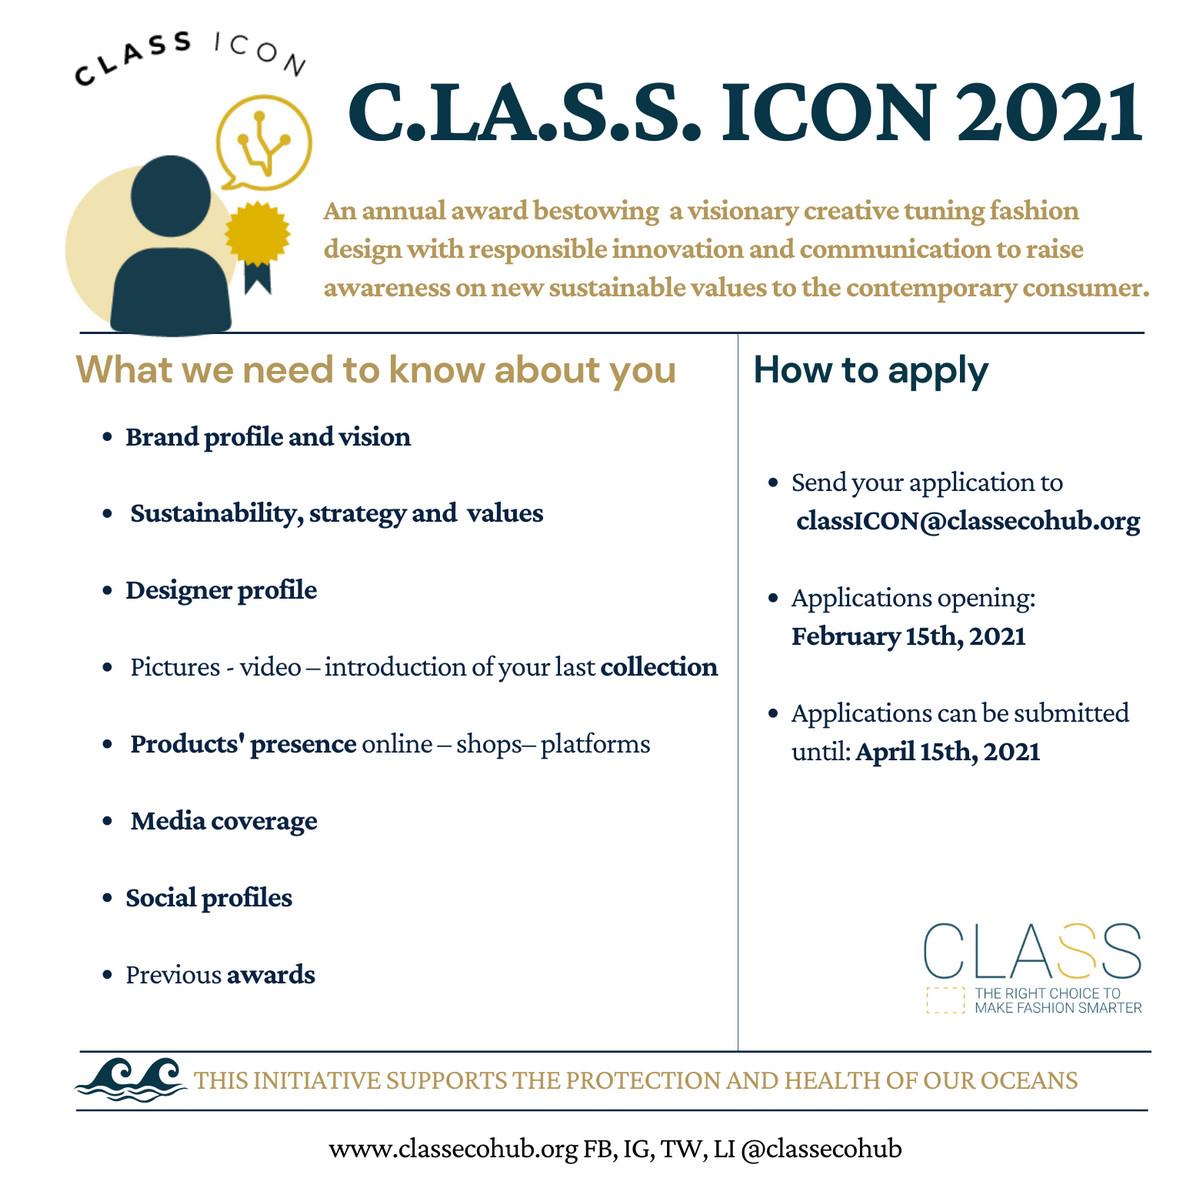 C.L.A.S.S. ICON Award